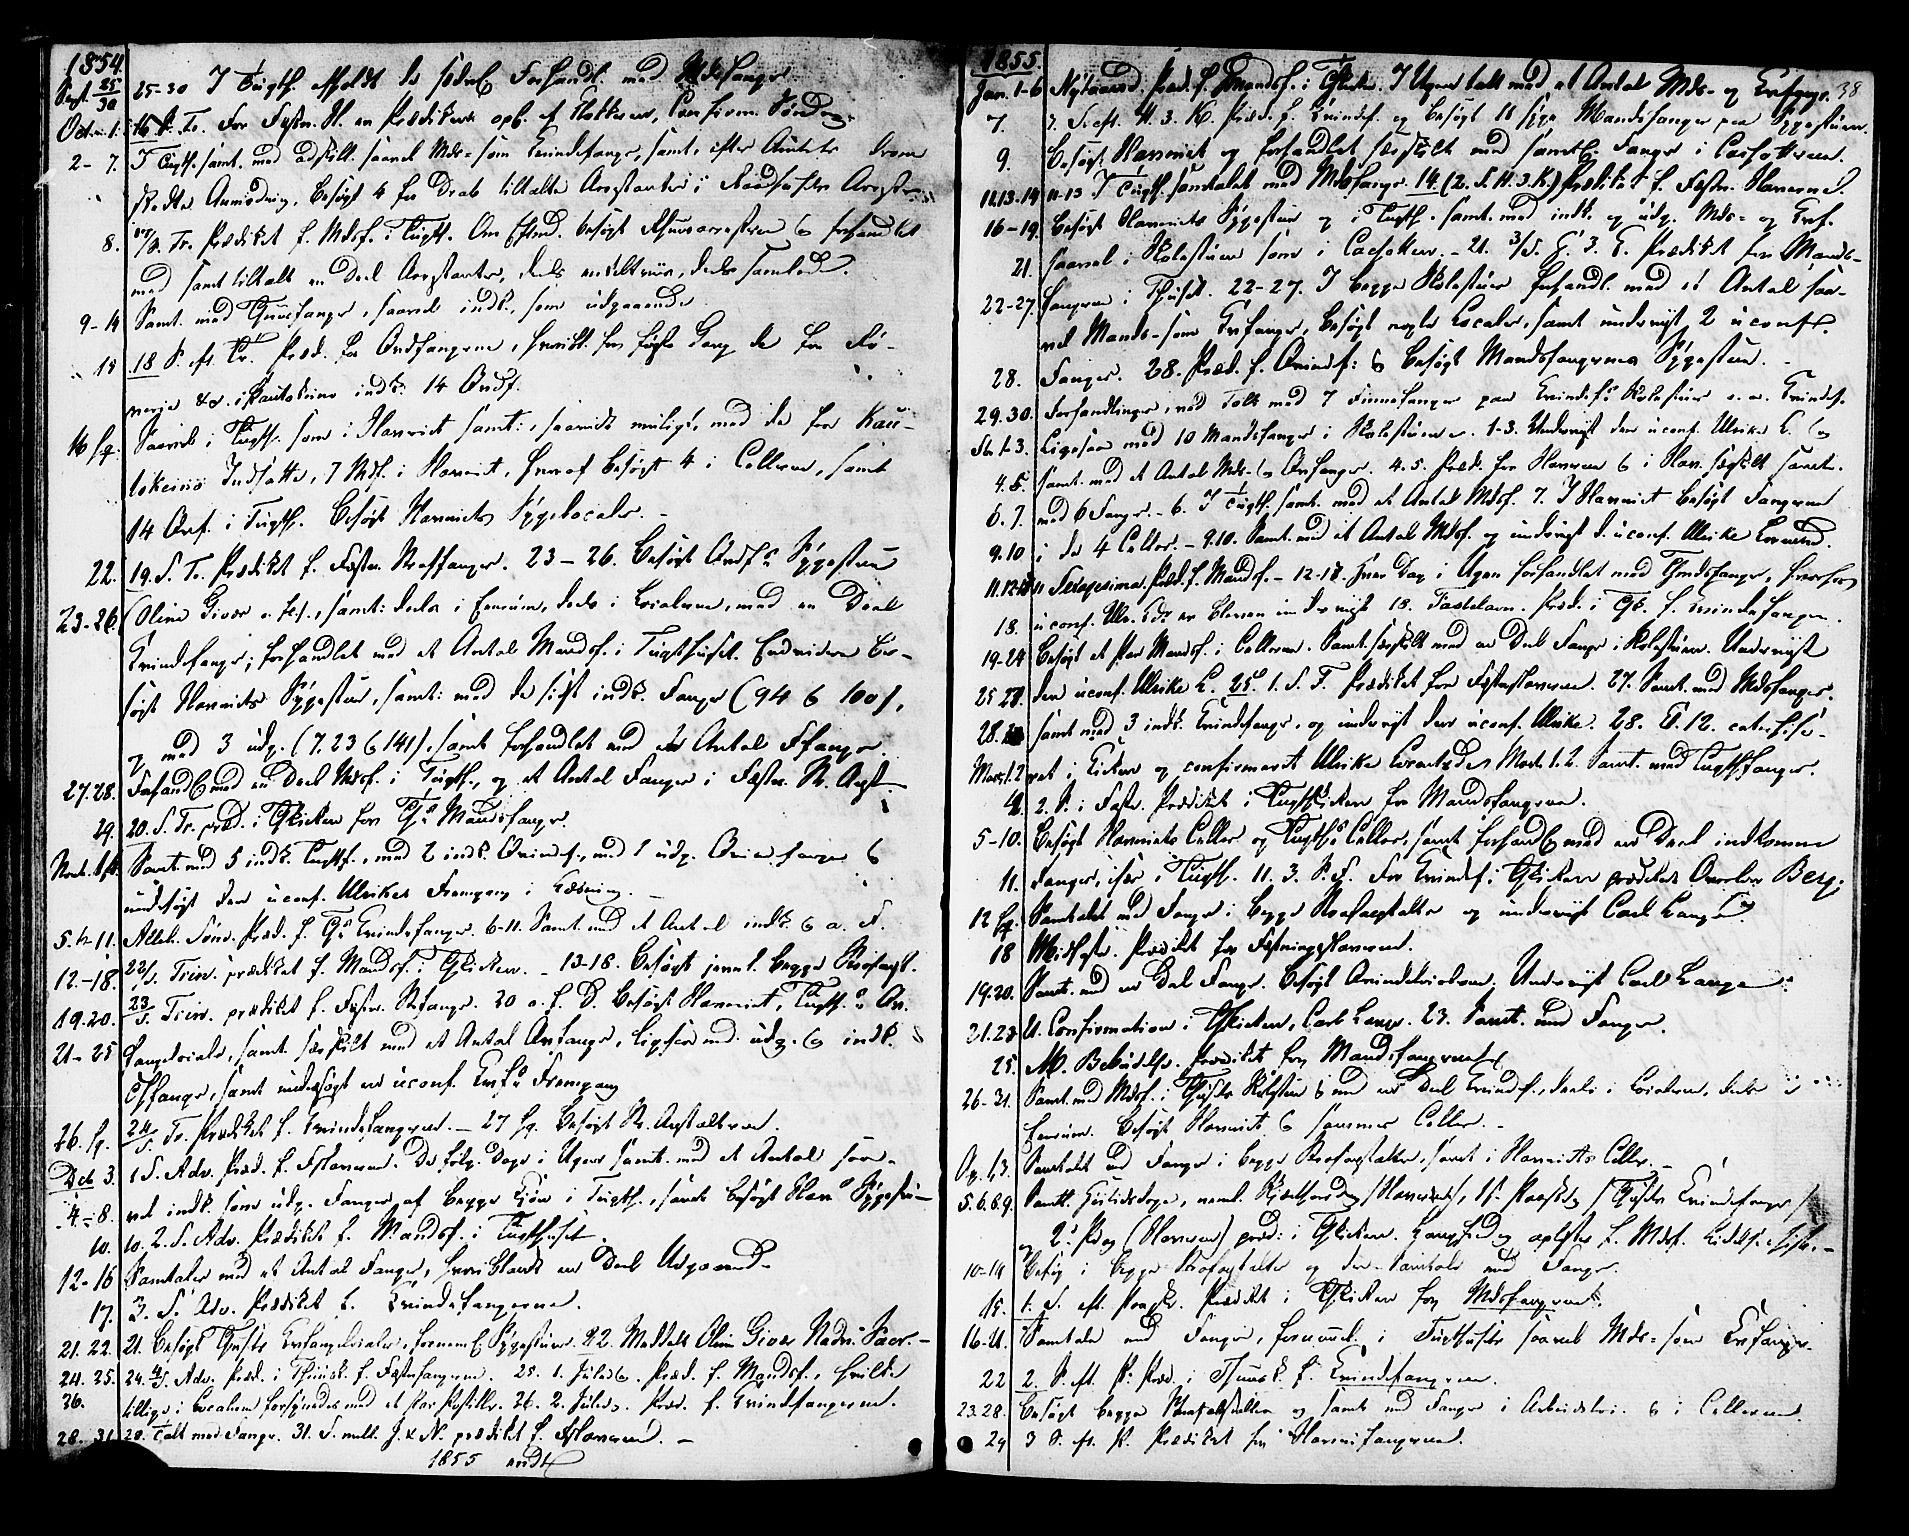 SAT, Ministerialprotokoller, klokkerbøker og fødselsregistre - Sør-Trøndelag, 624/L0481: Ministerialbok nr. 624A02, 1841-1869, s. 38